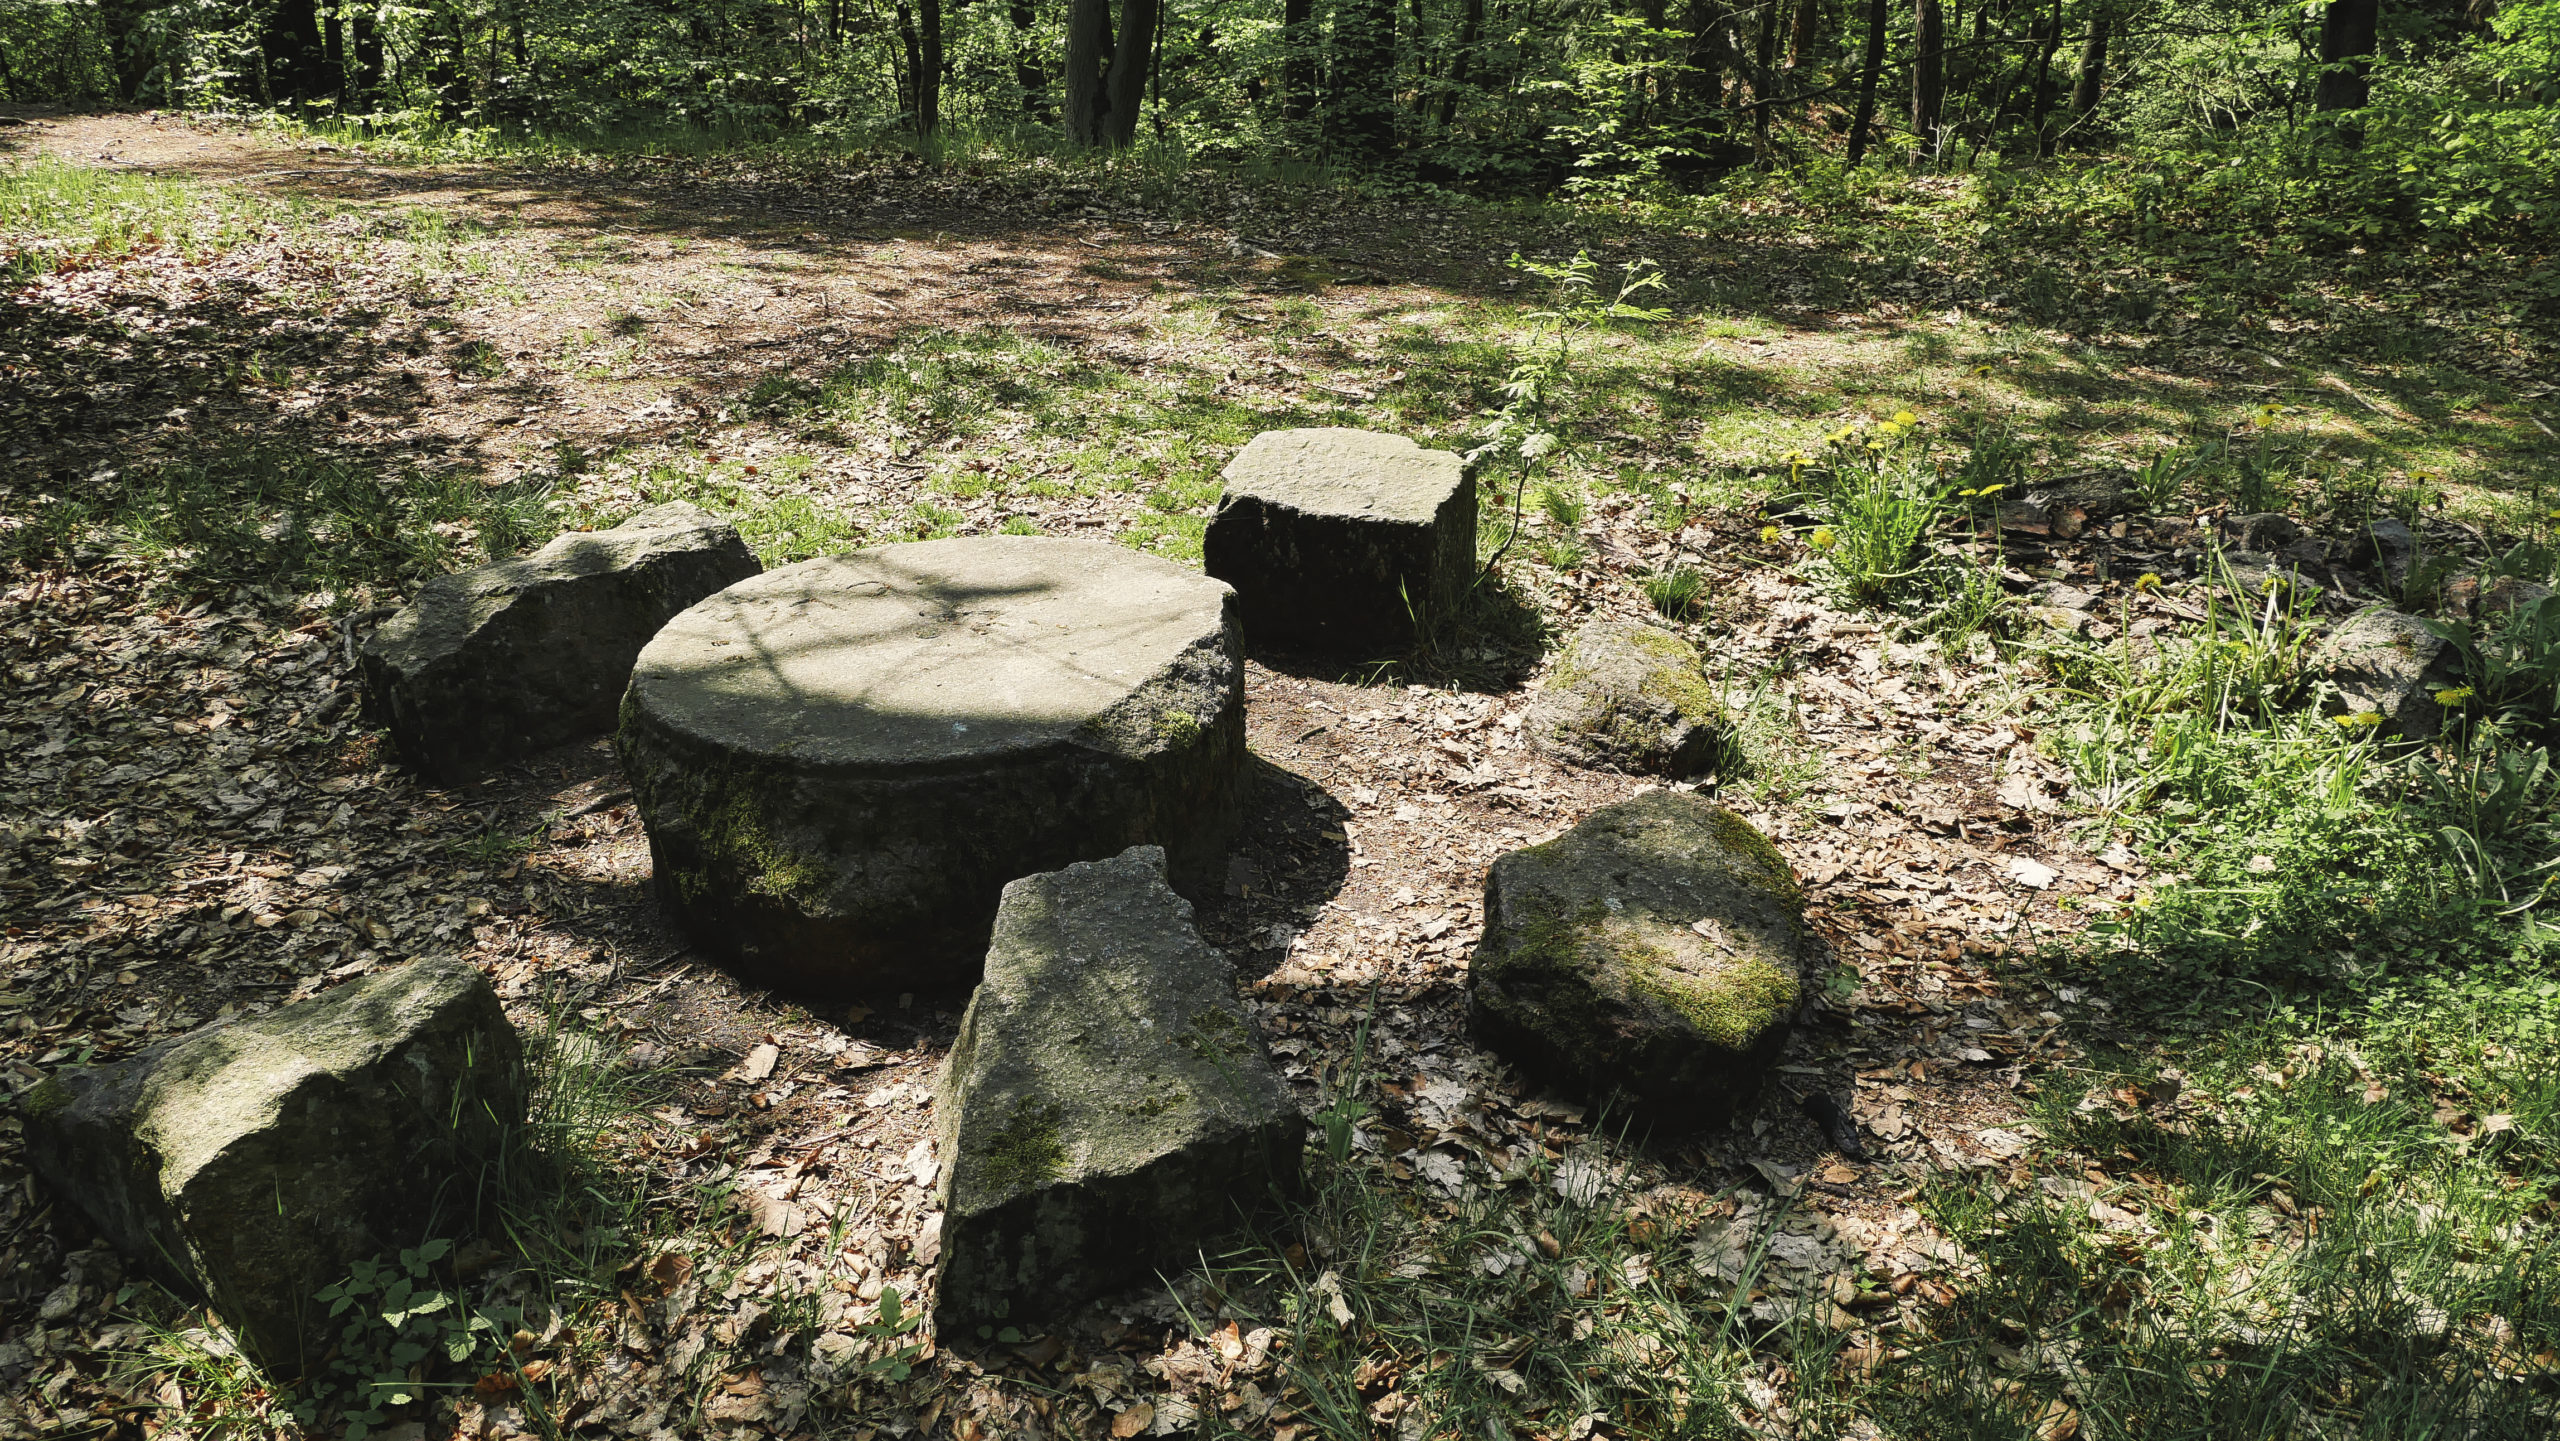 Steinerne Tisch scaled